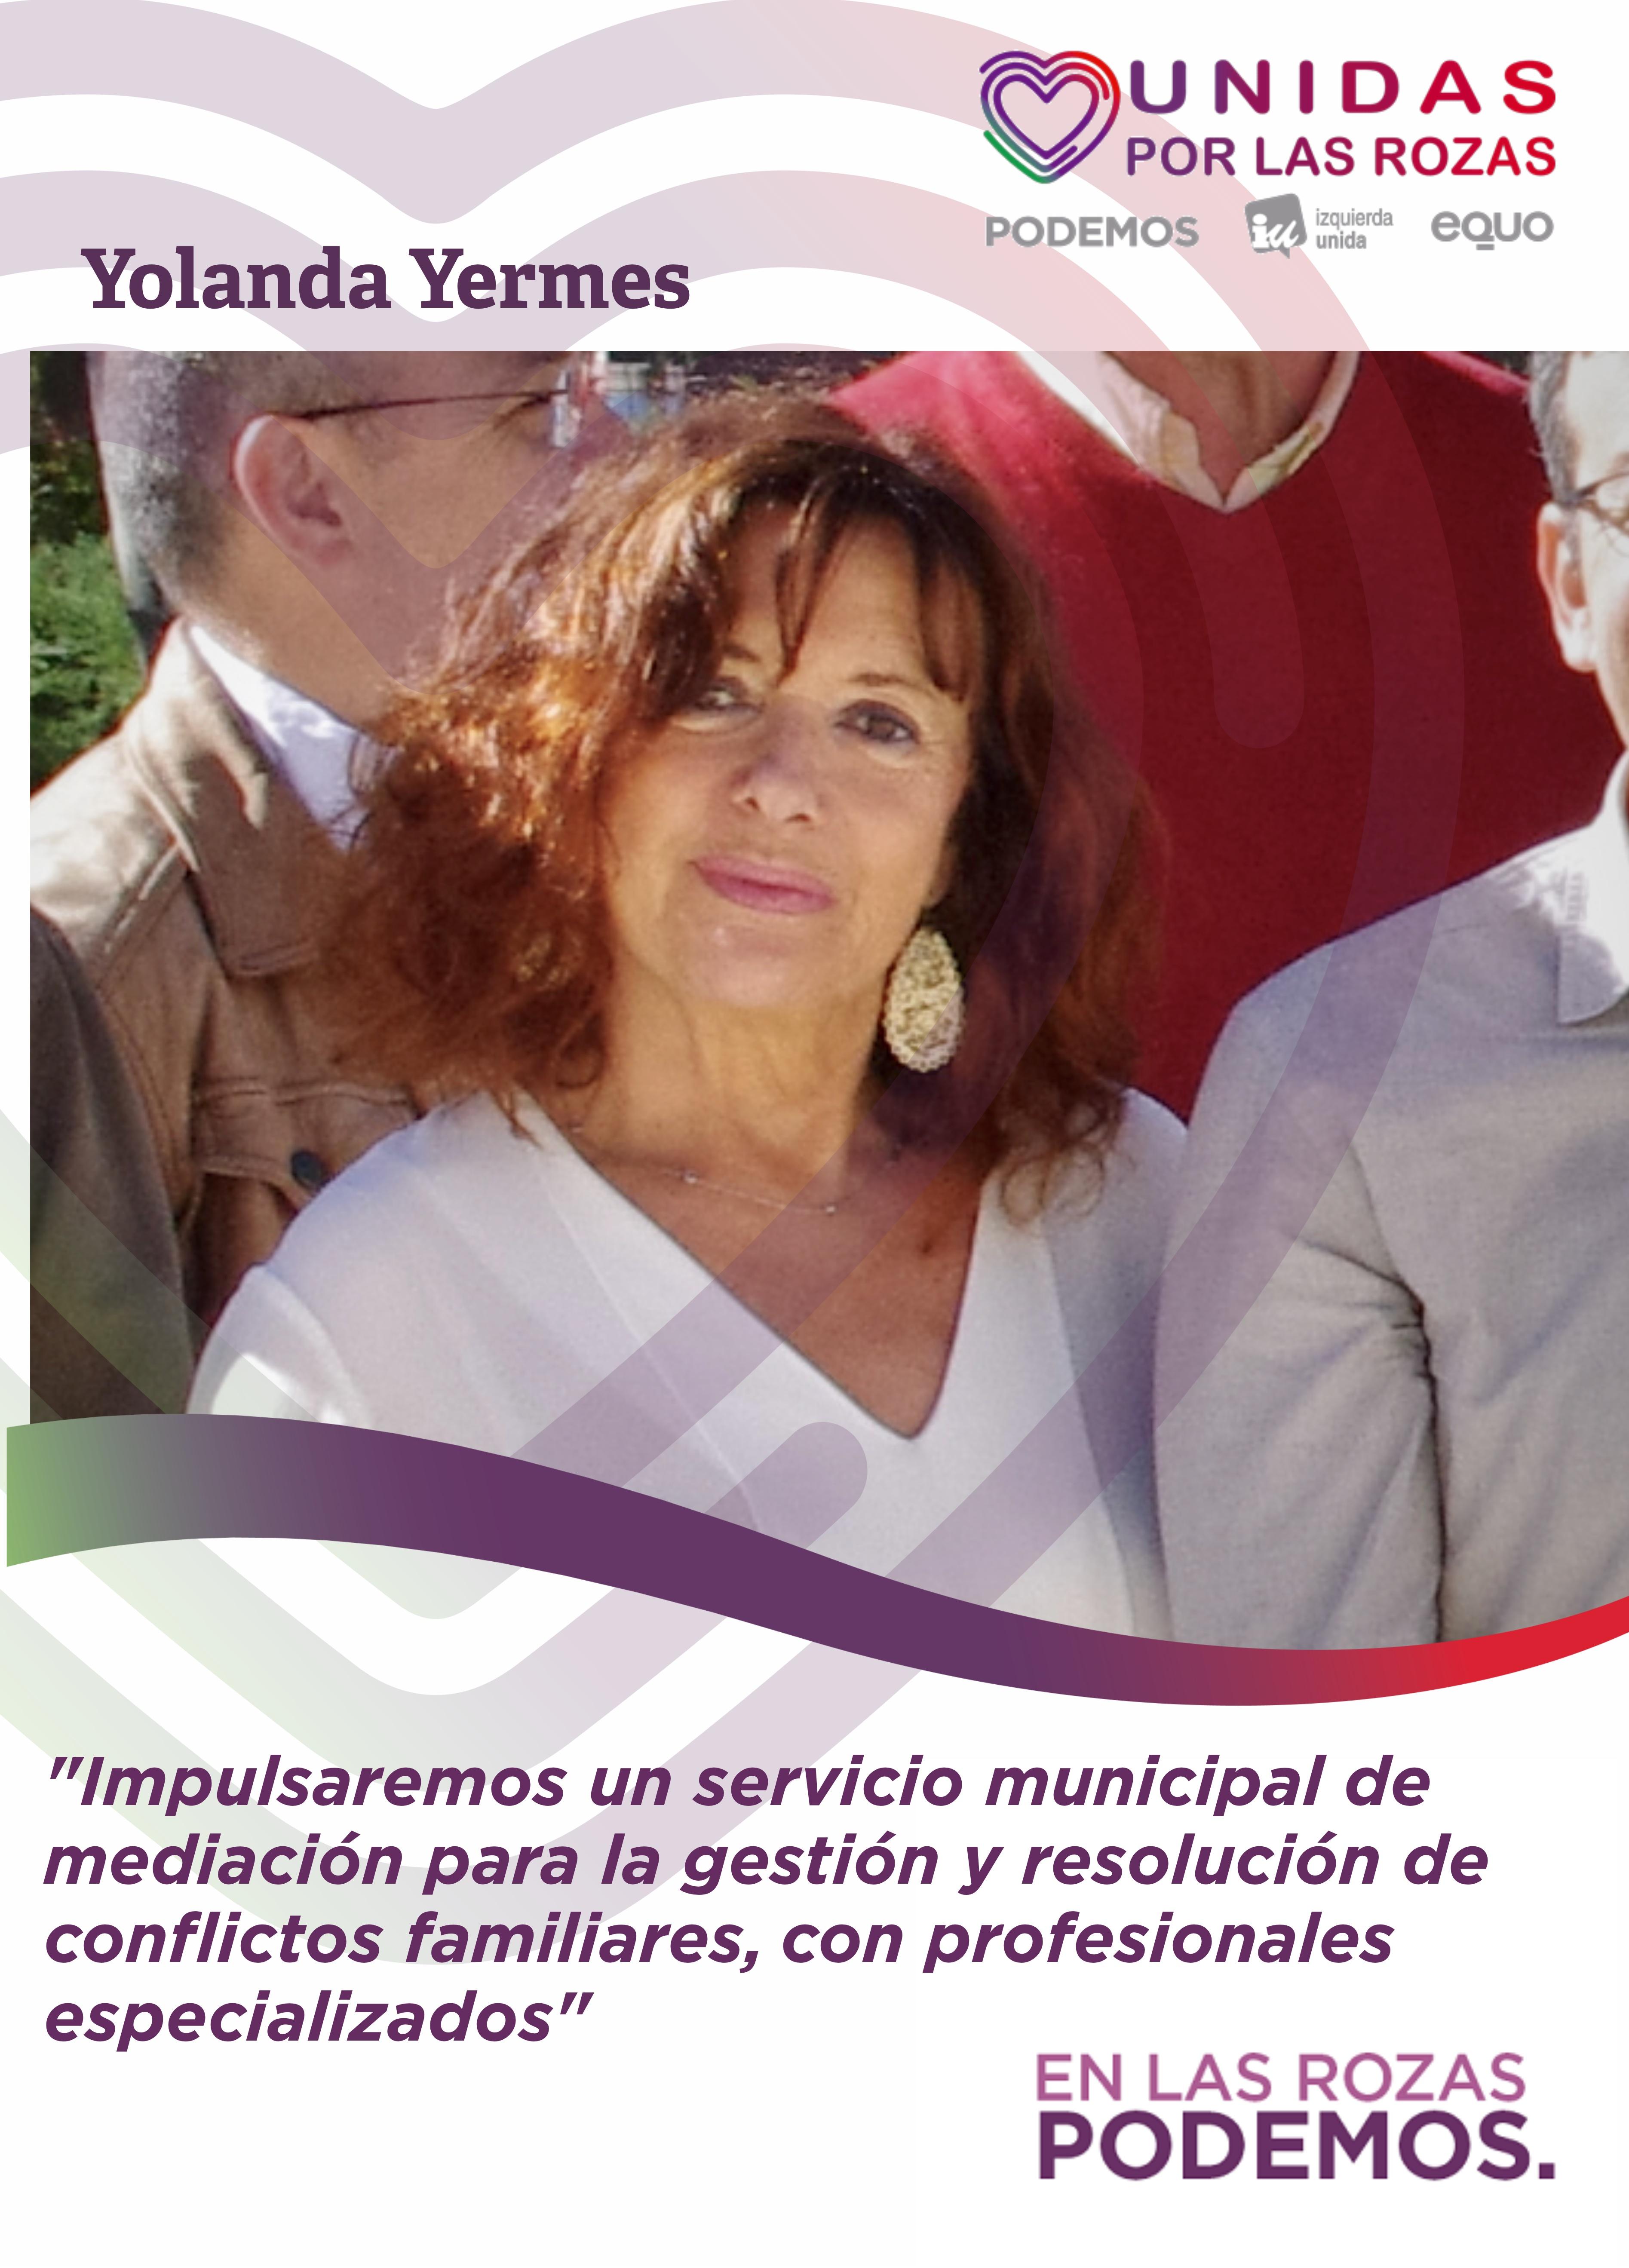 Yolanda_Familia_unidas_por_las_rozas